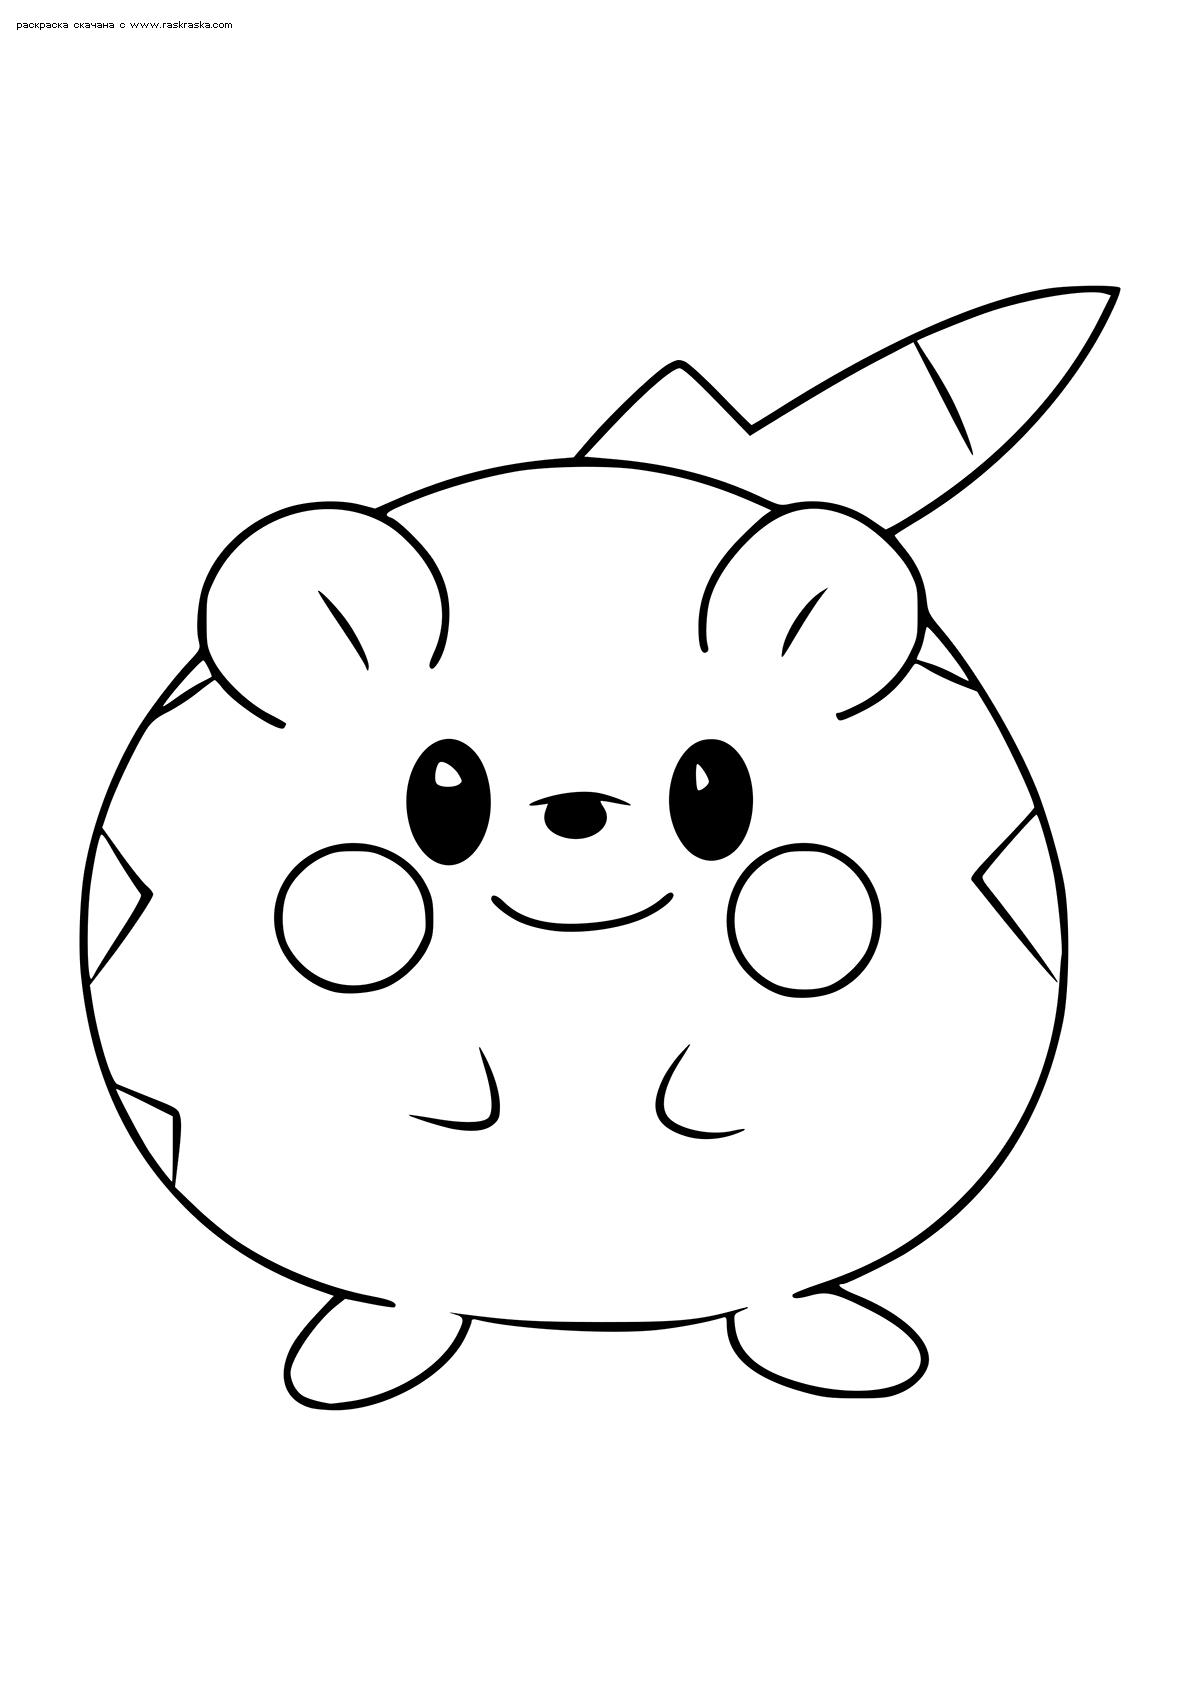 Раскраска Покемон Тогедемару (Togedemaru). Раскраска Покемон